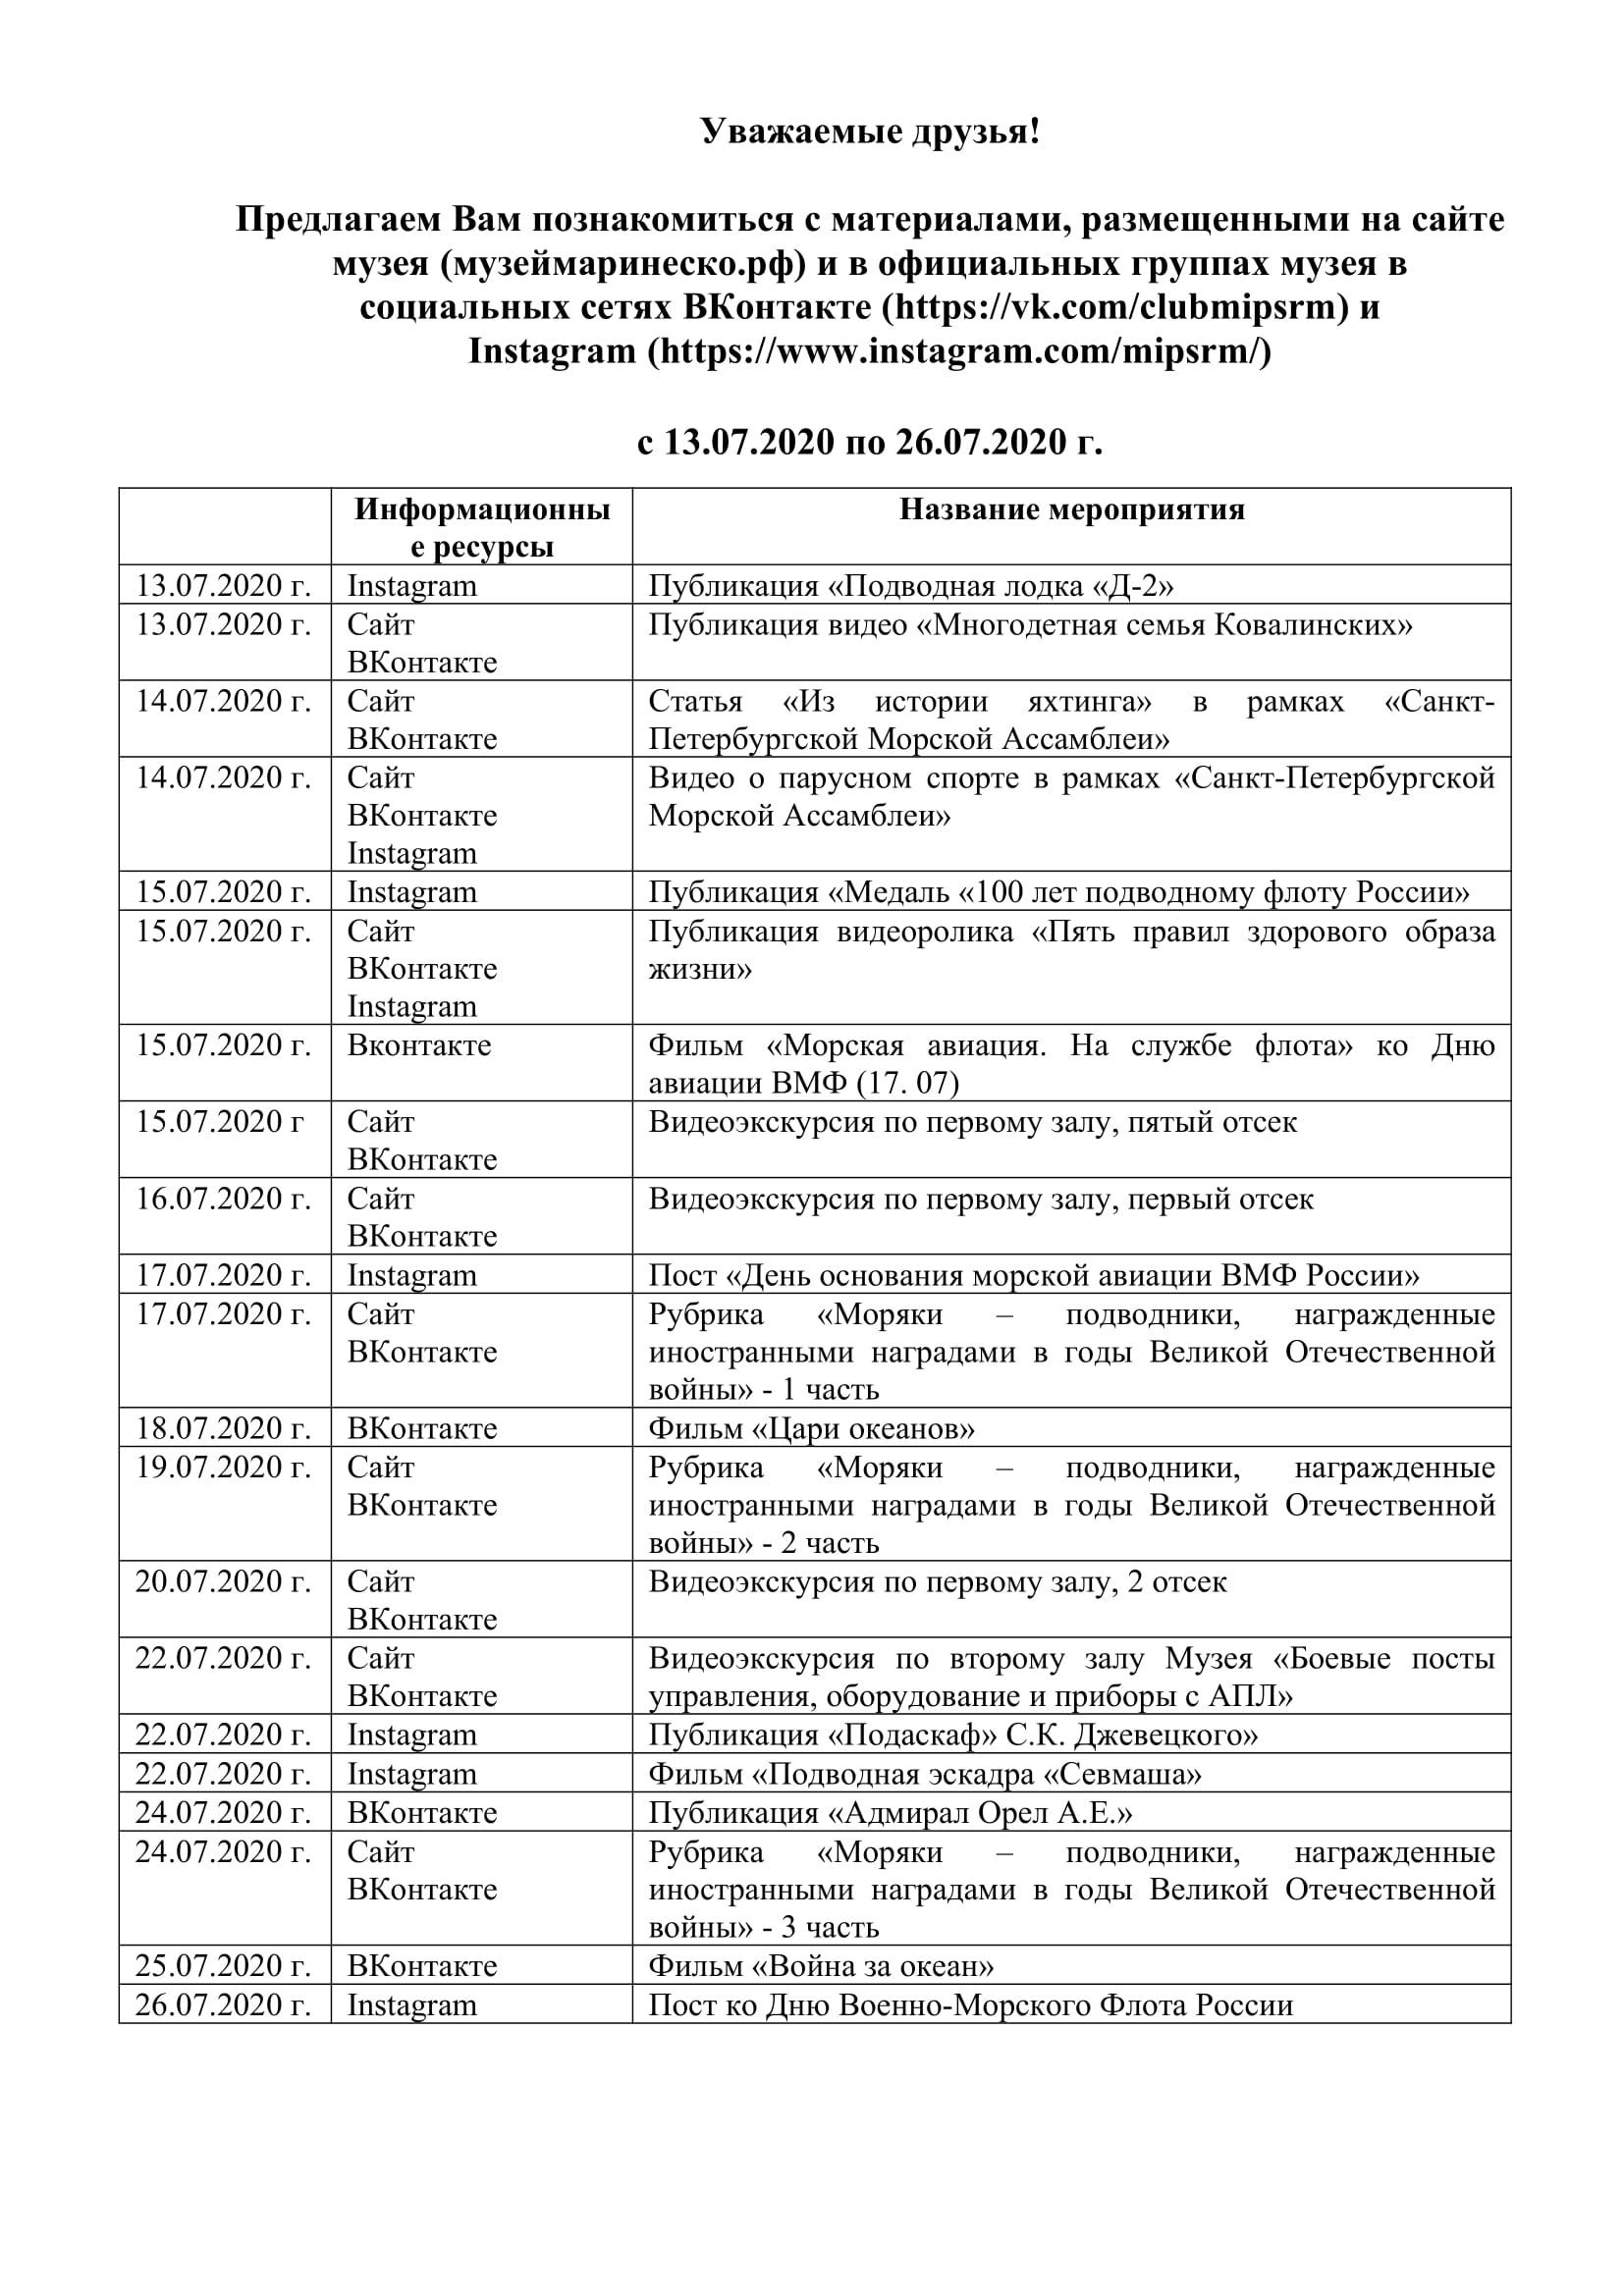 Афиша с 13.07.20 по 26.07.2020